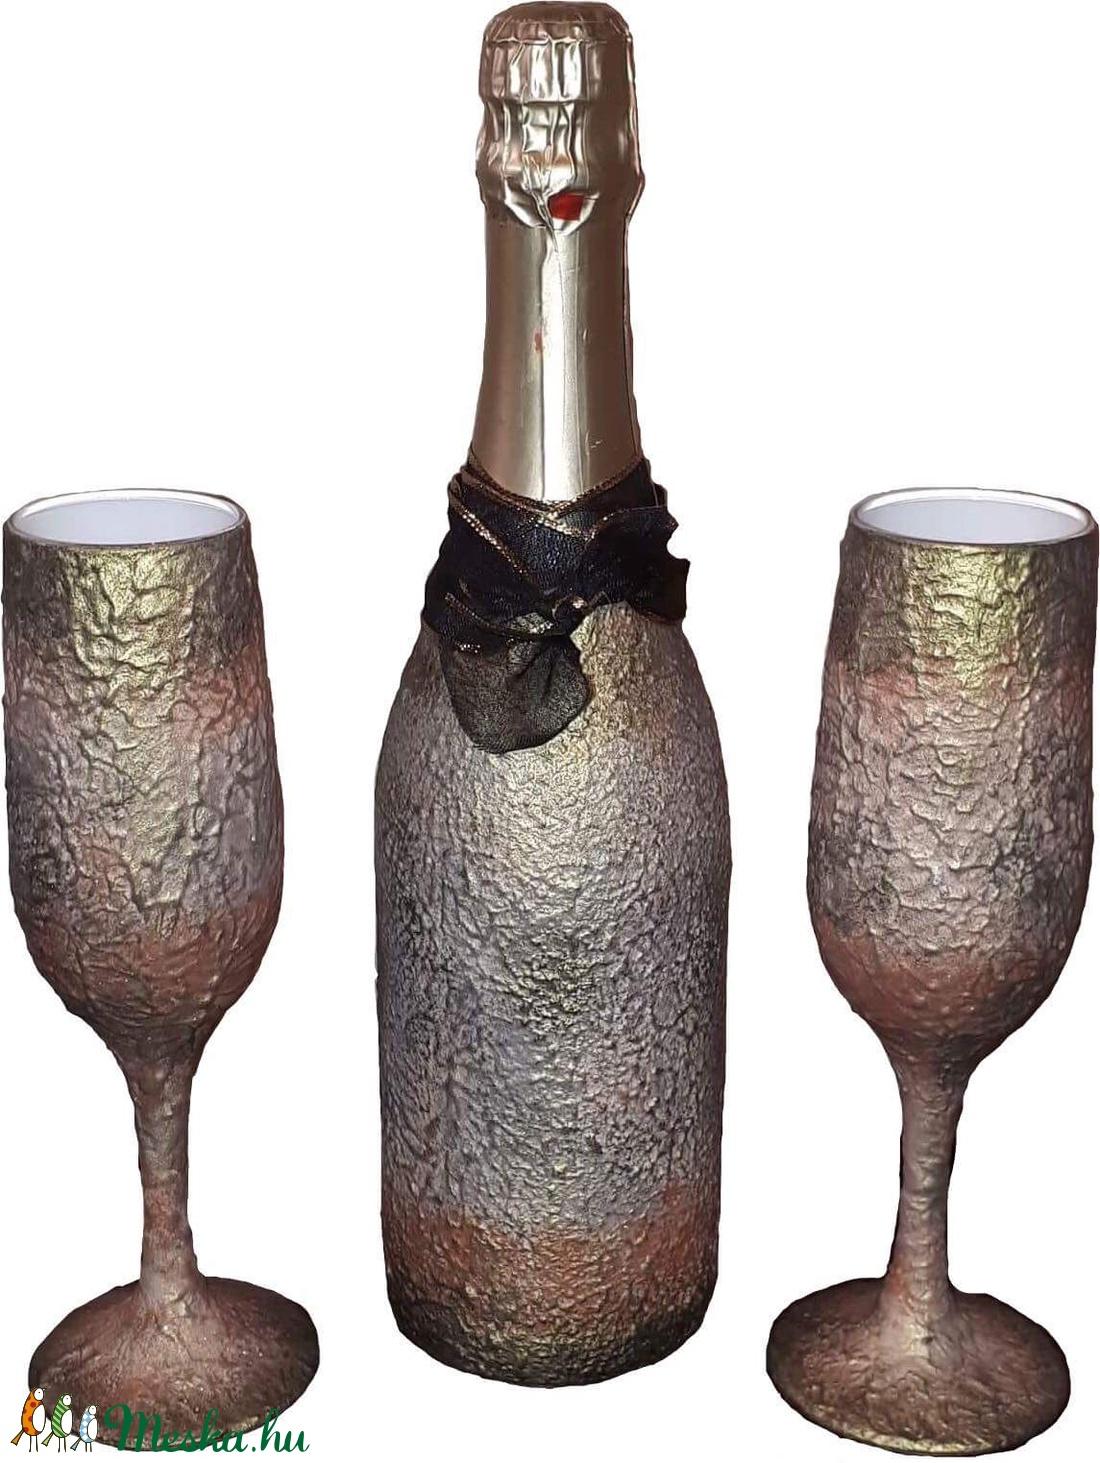 Vintage pezsgő + pezsgőspohár, egyedi neves felirattal eljegyzésre, házasságkötésre, nászajándékba... - Meska.hu